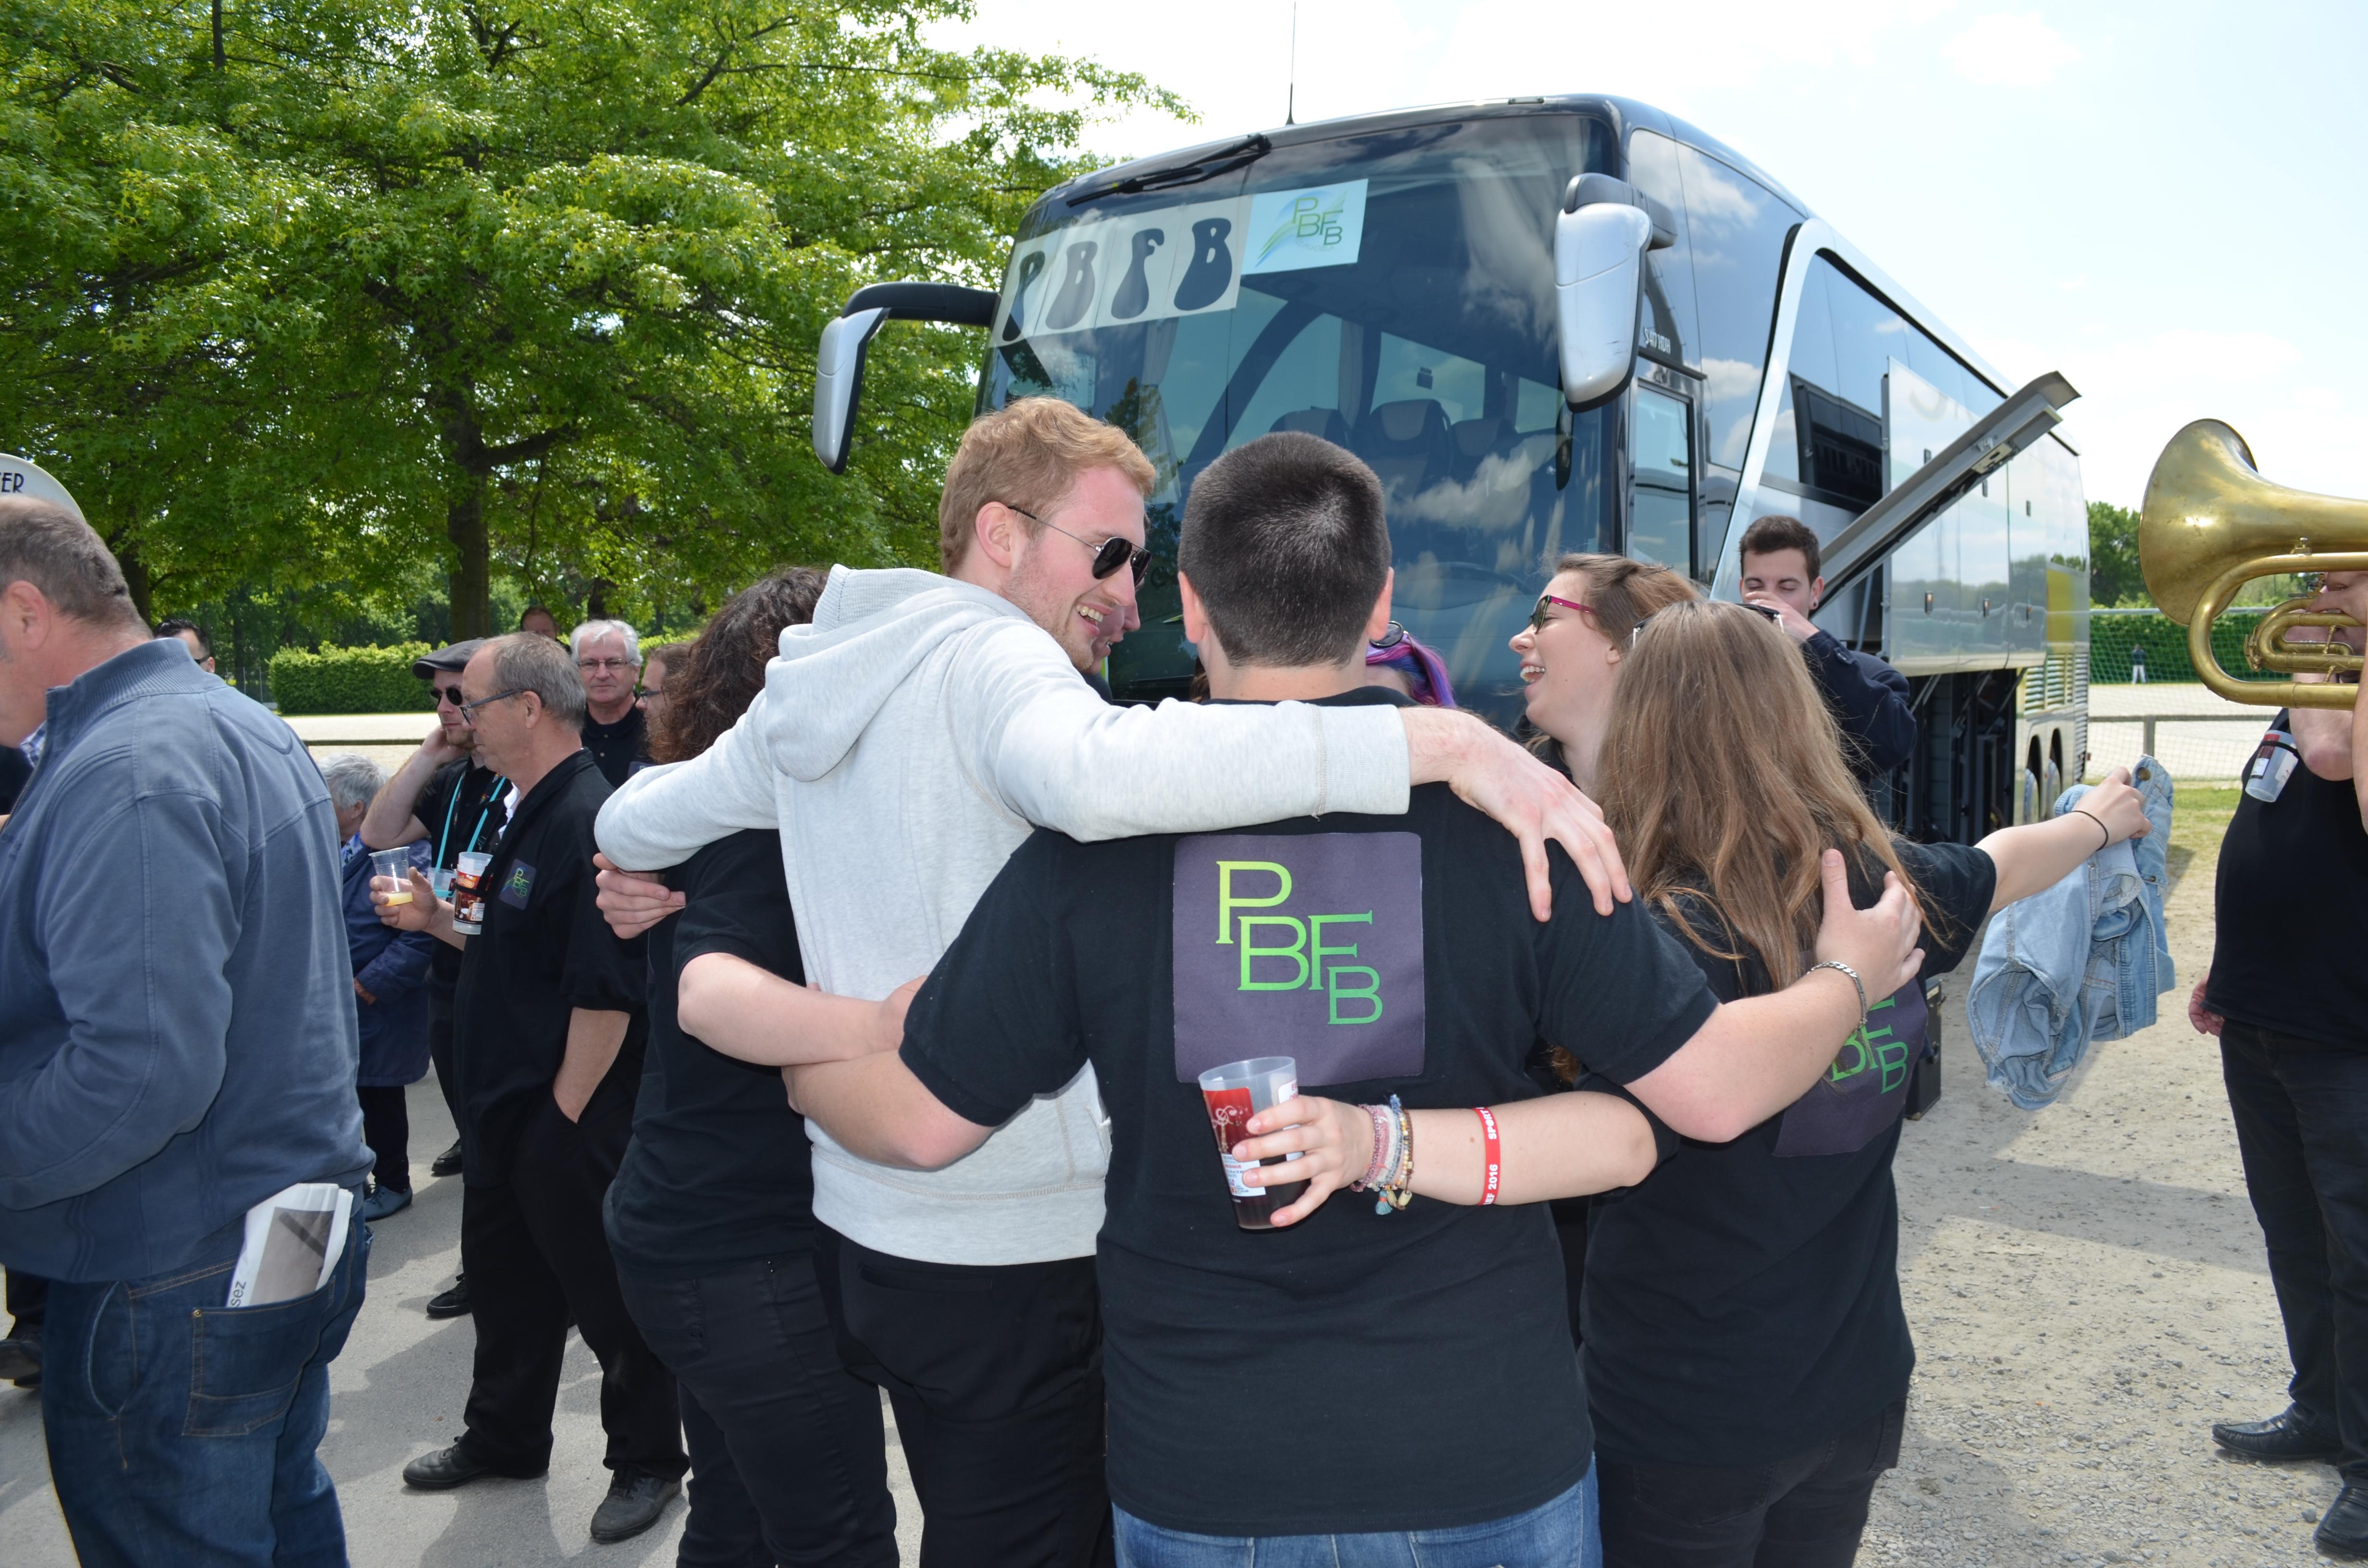 Les amis autour du bus